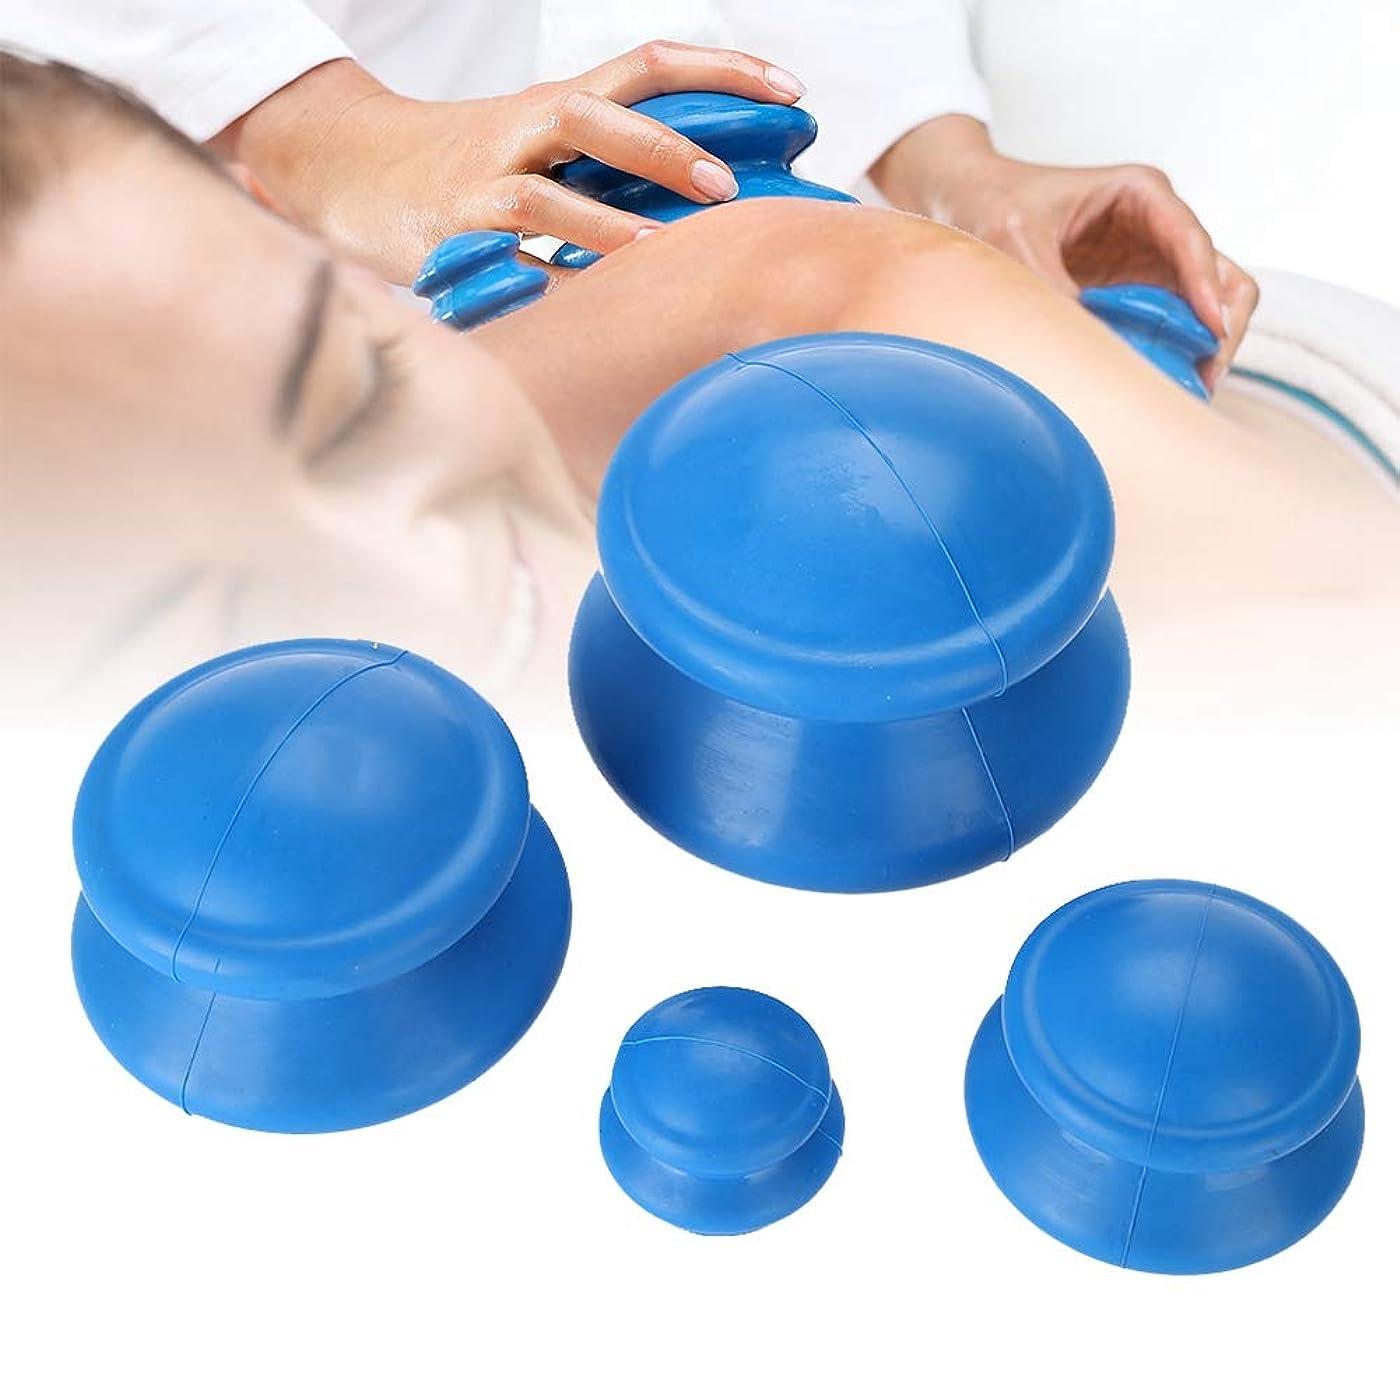 プロットグローチーズ4pcsシリコン真空カップ、ポータブルカッピングヘルスケアマッサージ製品血流を刺激し、疲労を緩和する